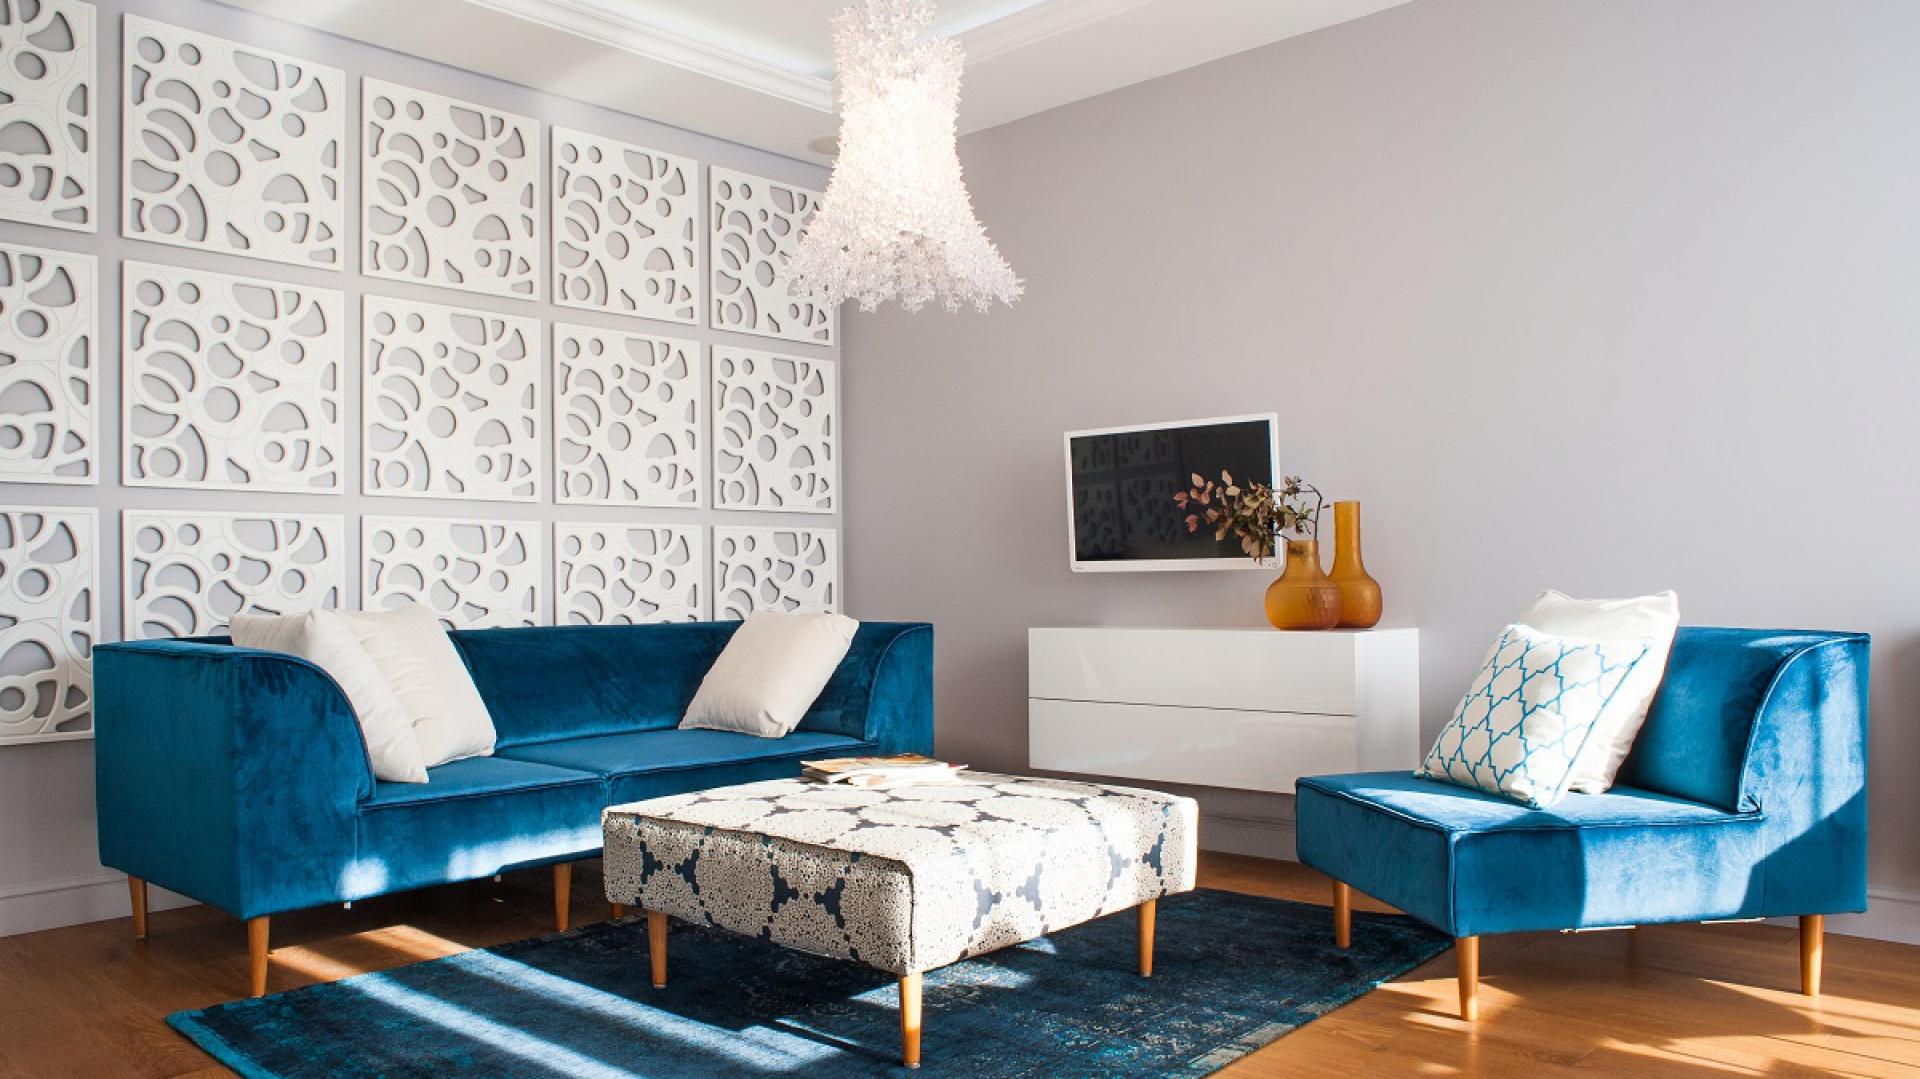 Apartament wynajmowany jest turystom z całego świata, którzy swój pobyt w Trójmieście, zamiast w sztampowym pokoju hotelowym, wolą spędzić w butikowym wnętrzu z duszą. Fot. Adam Ościłowski